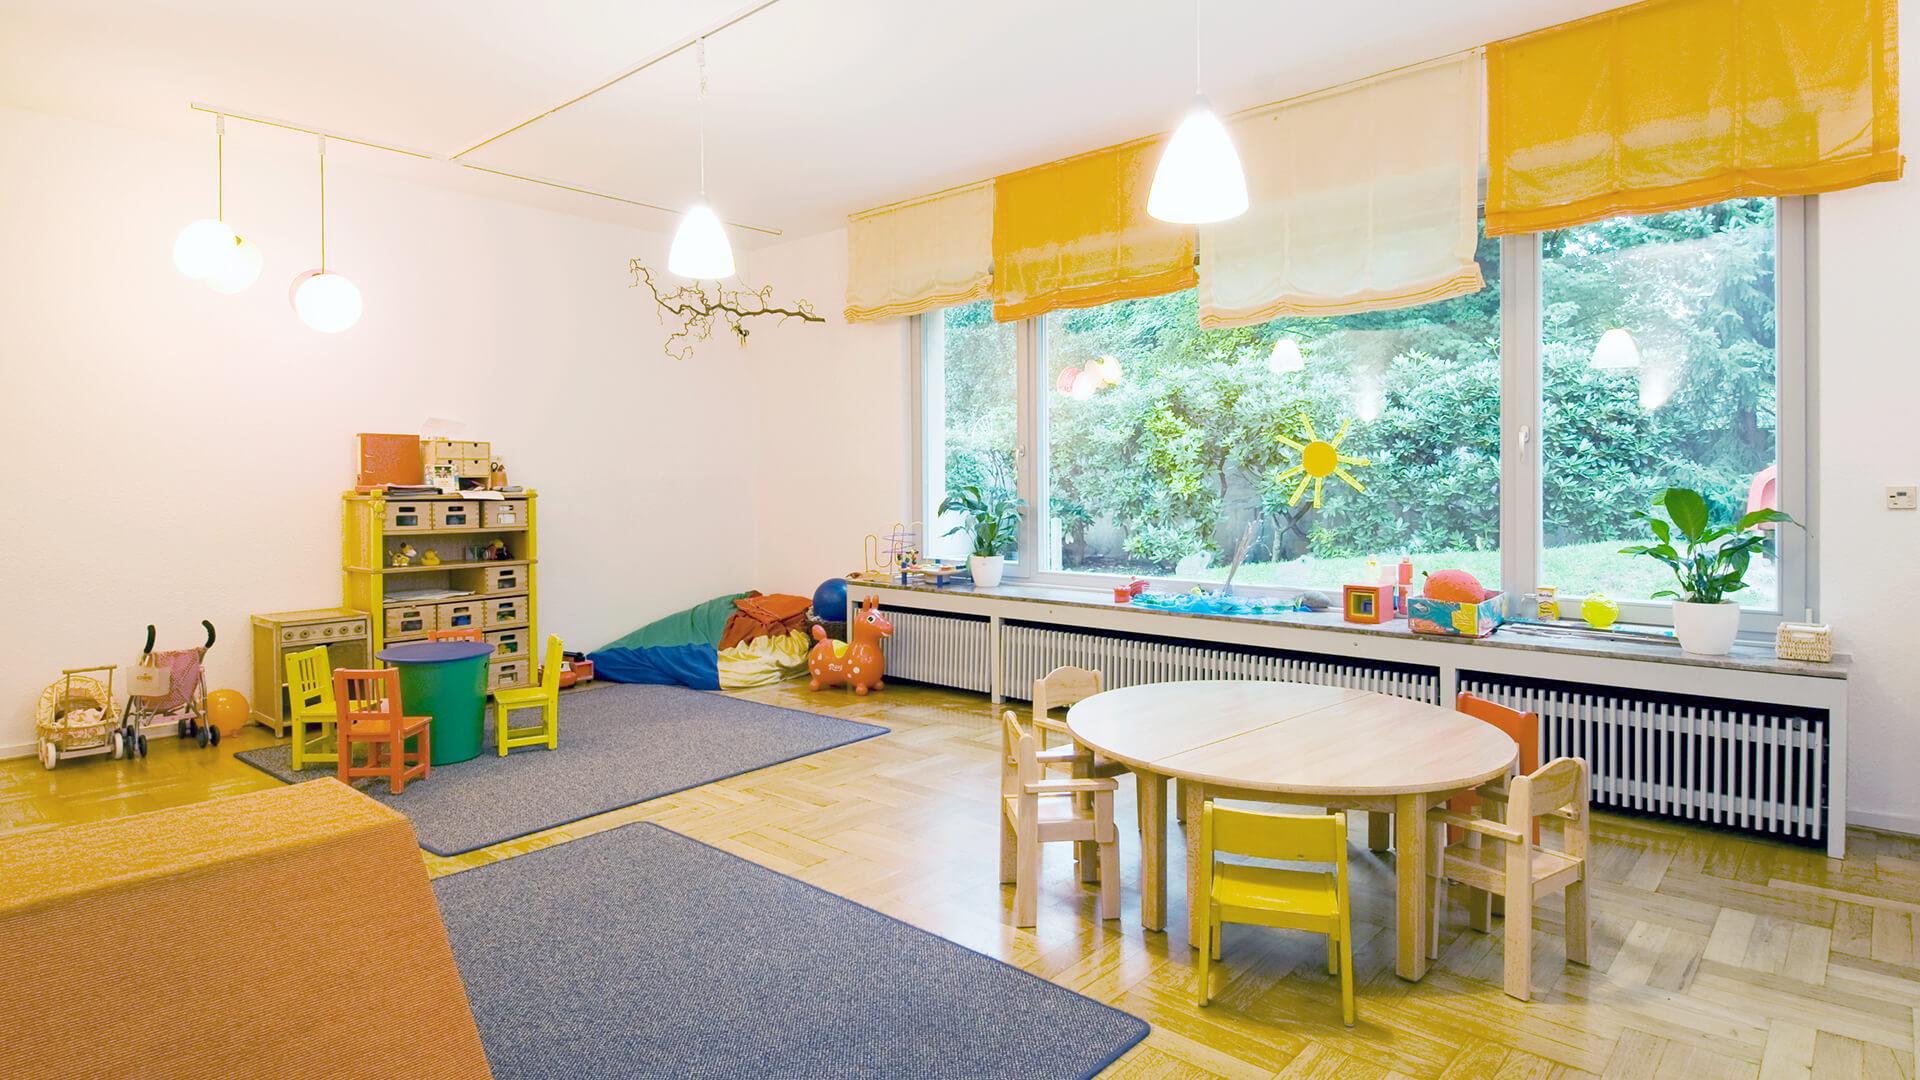 Kita-Gruppenraum mit großen Fenstern, Kinderwägen und Basteltisch für mehrere Kinder